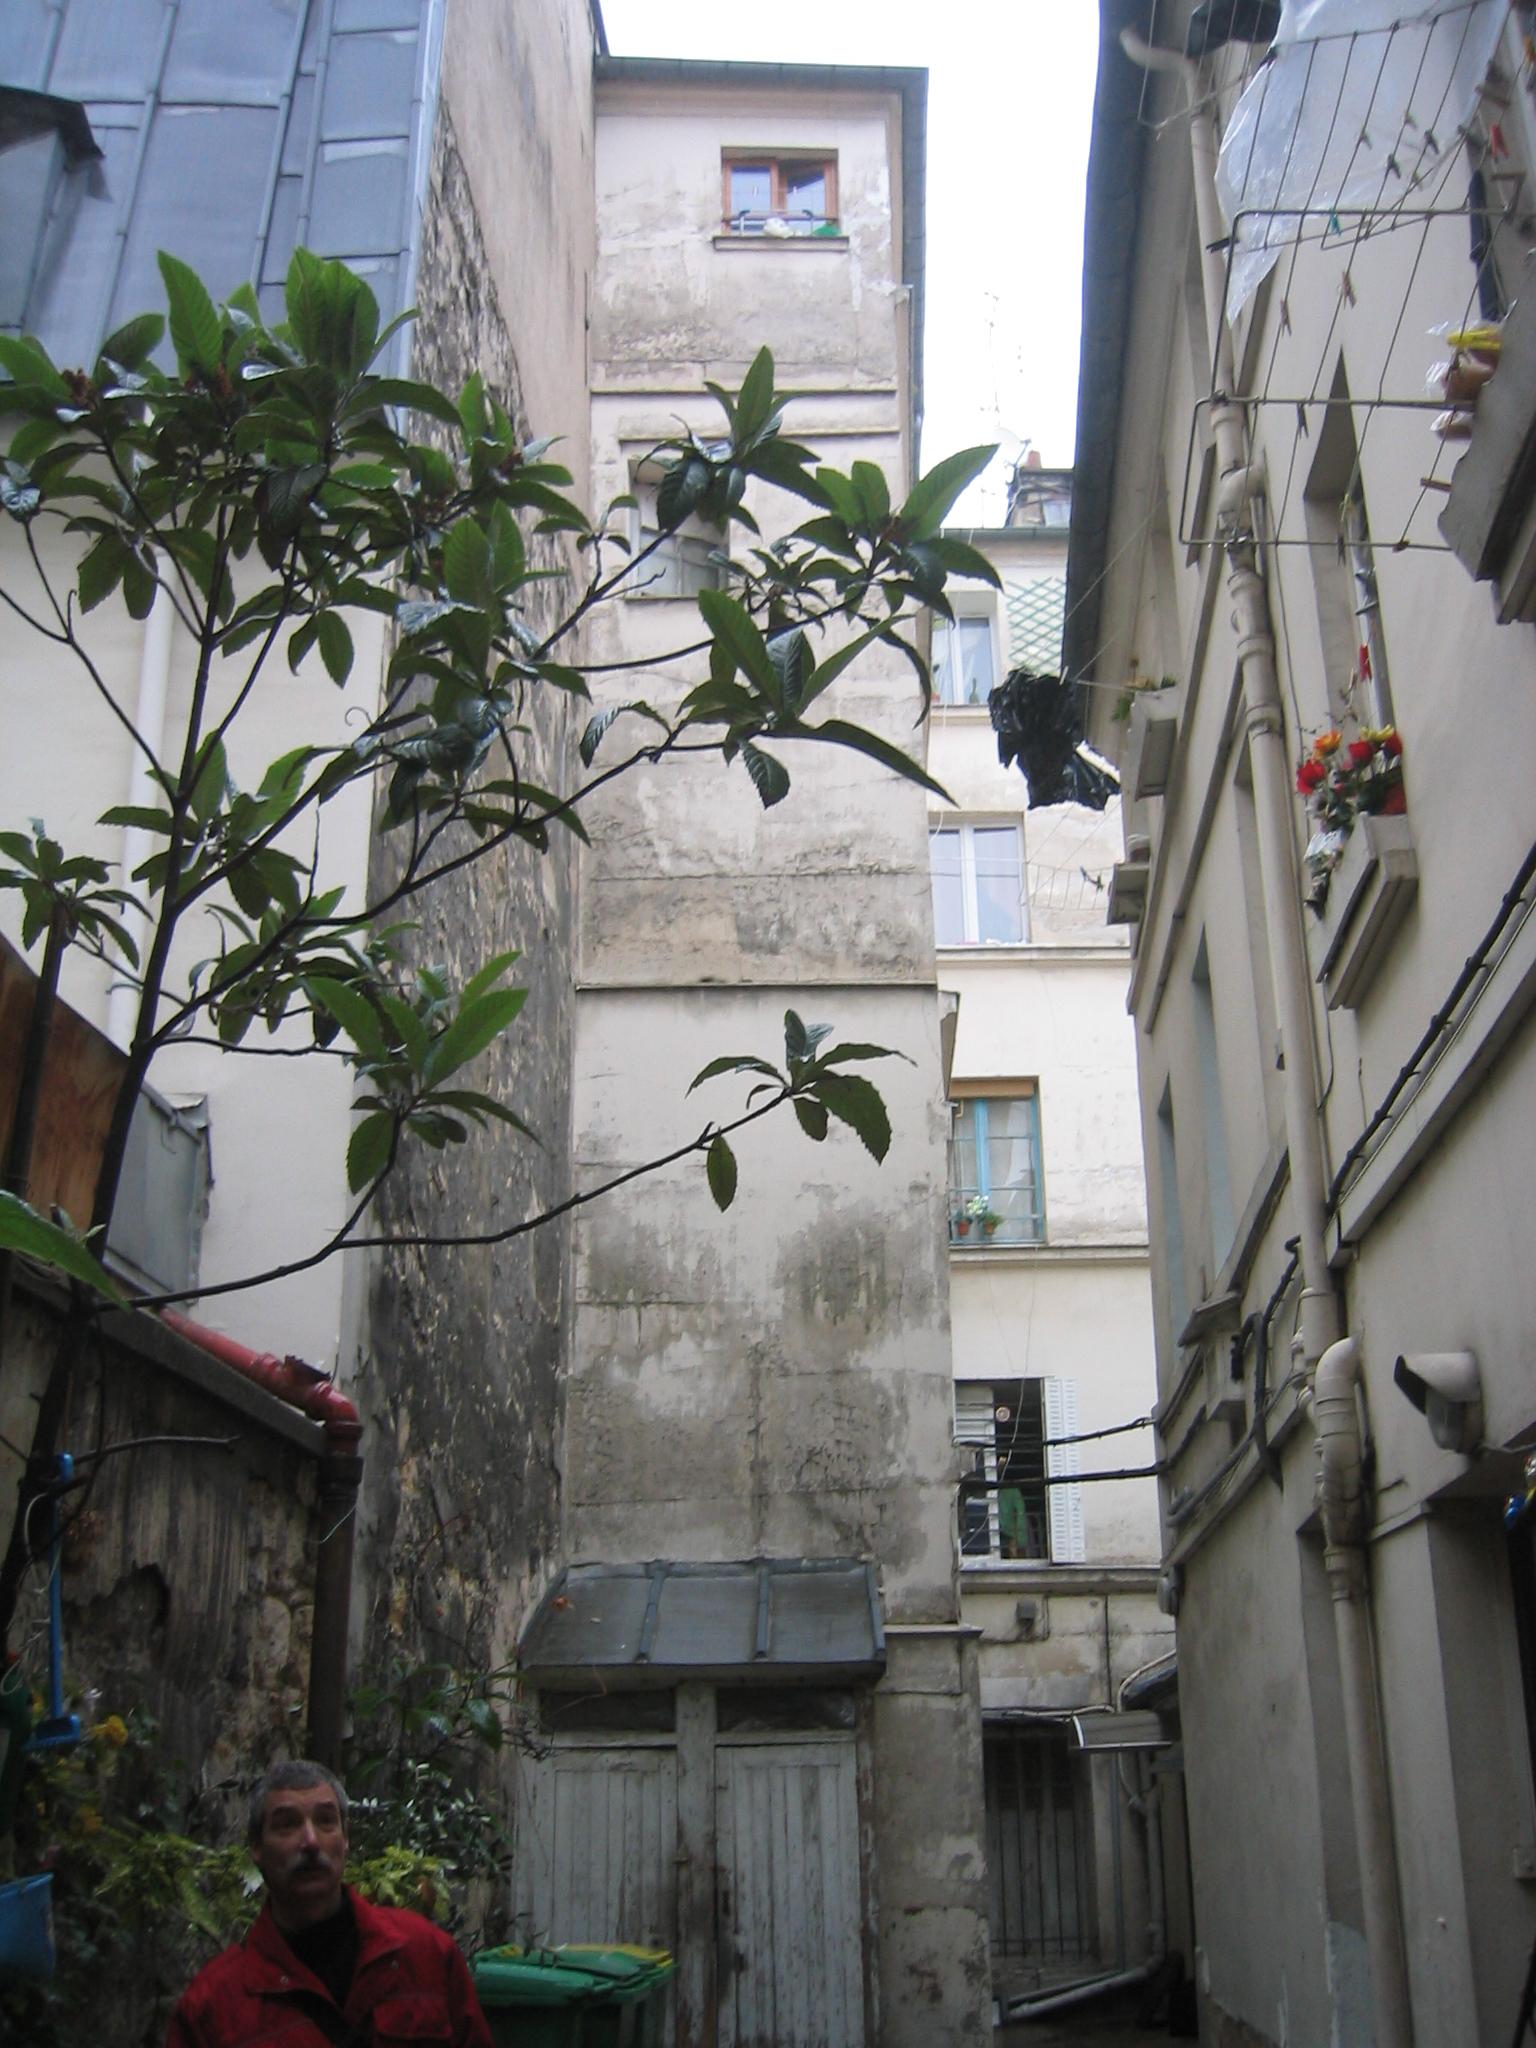 Immeuble 146 rue du fbg St Antoine